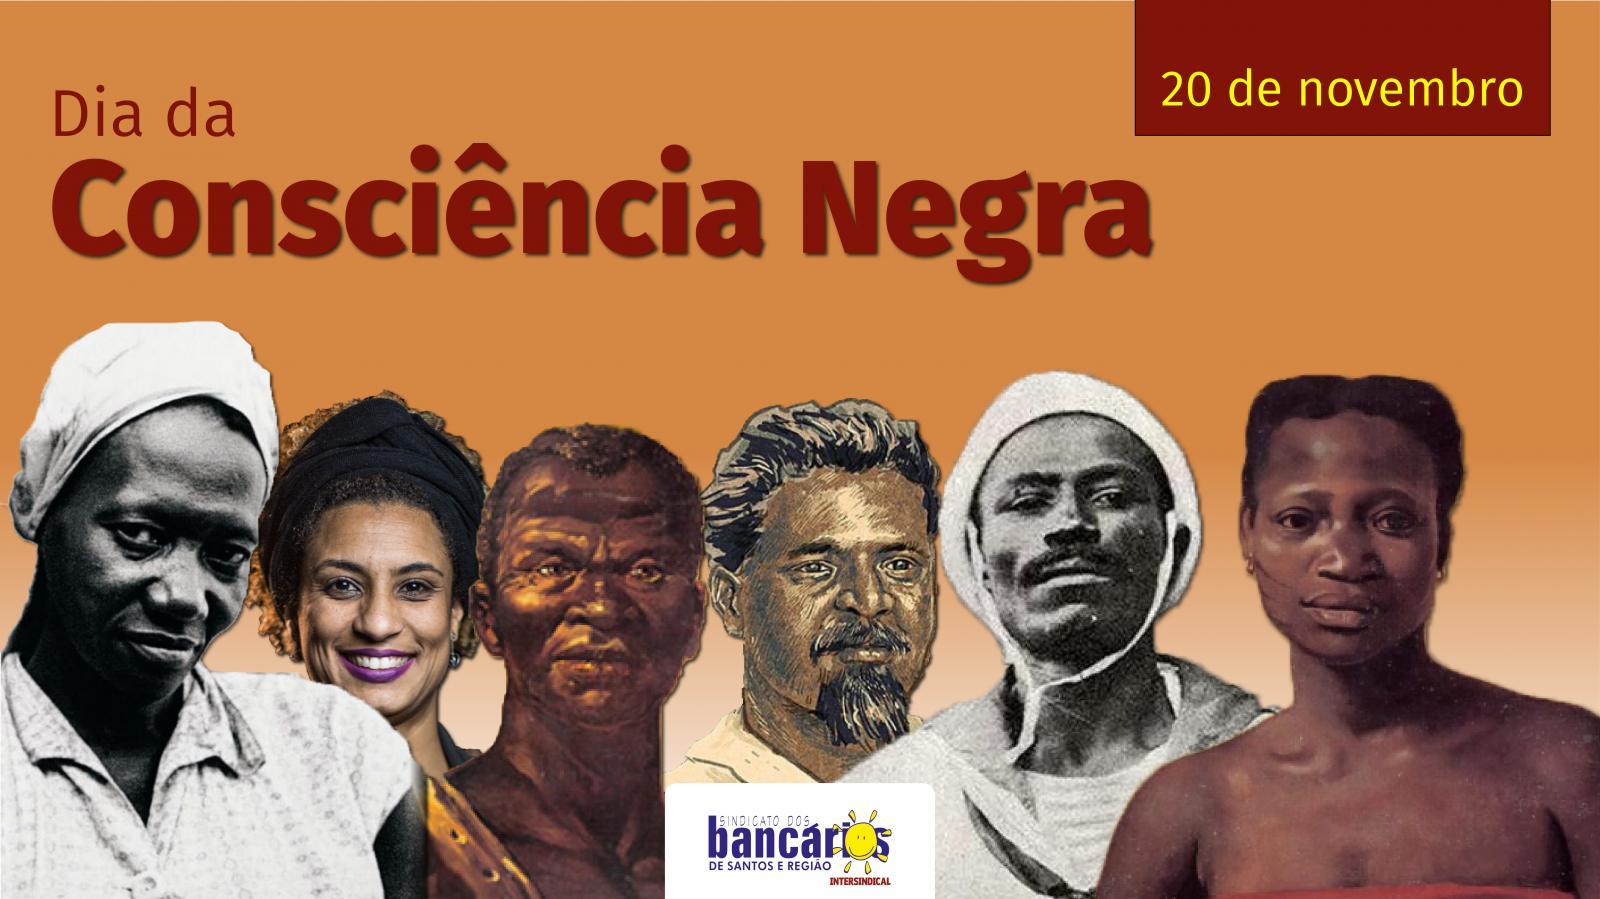 Resistência negra brasileira, o 20/11: Dia Nacional da